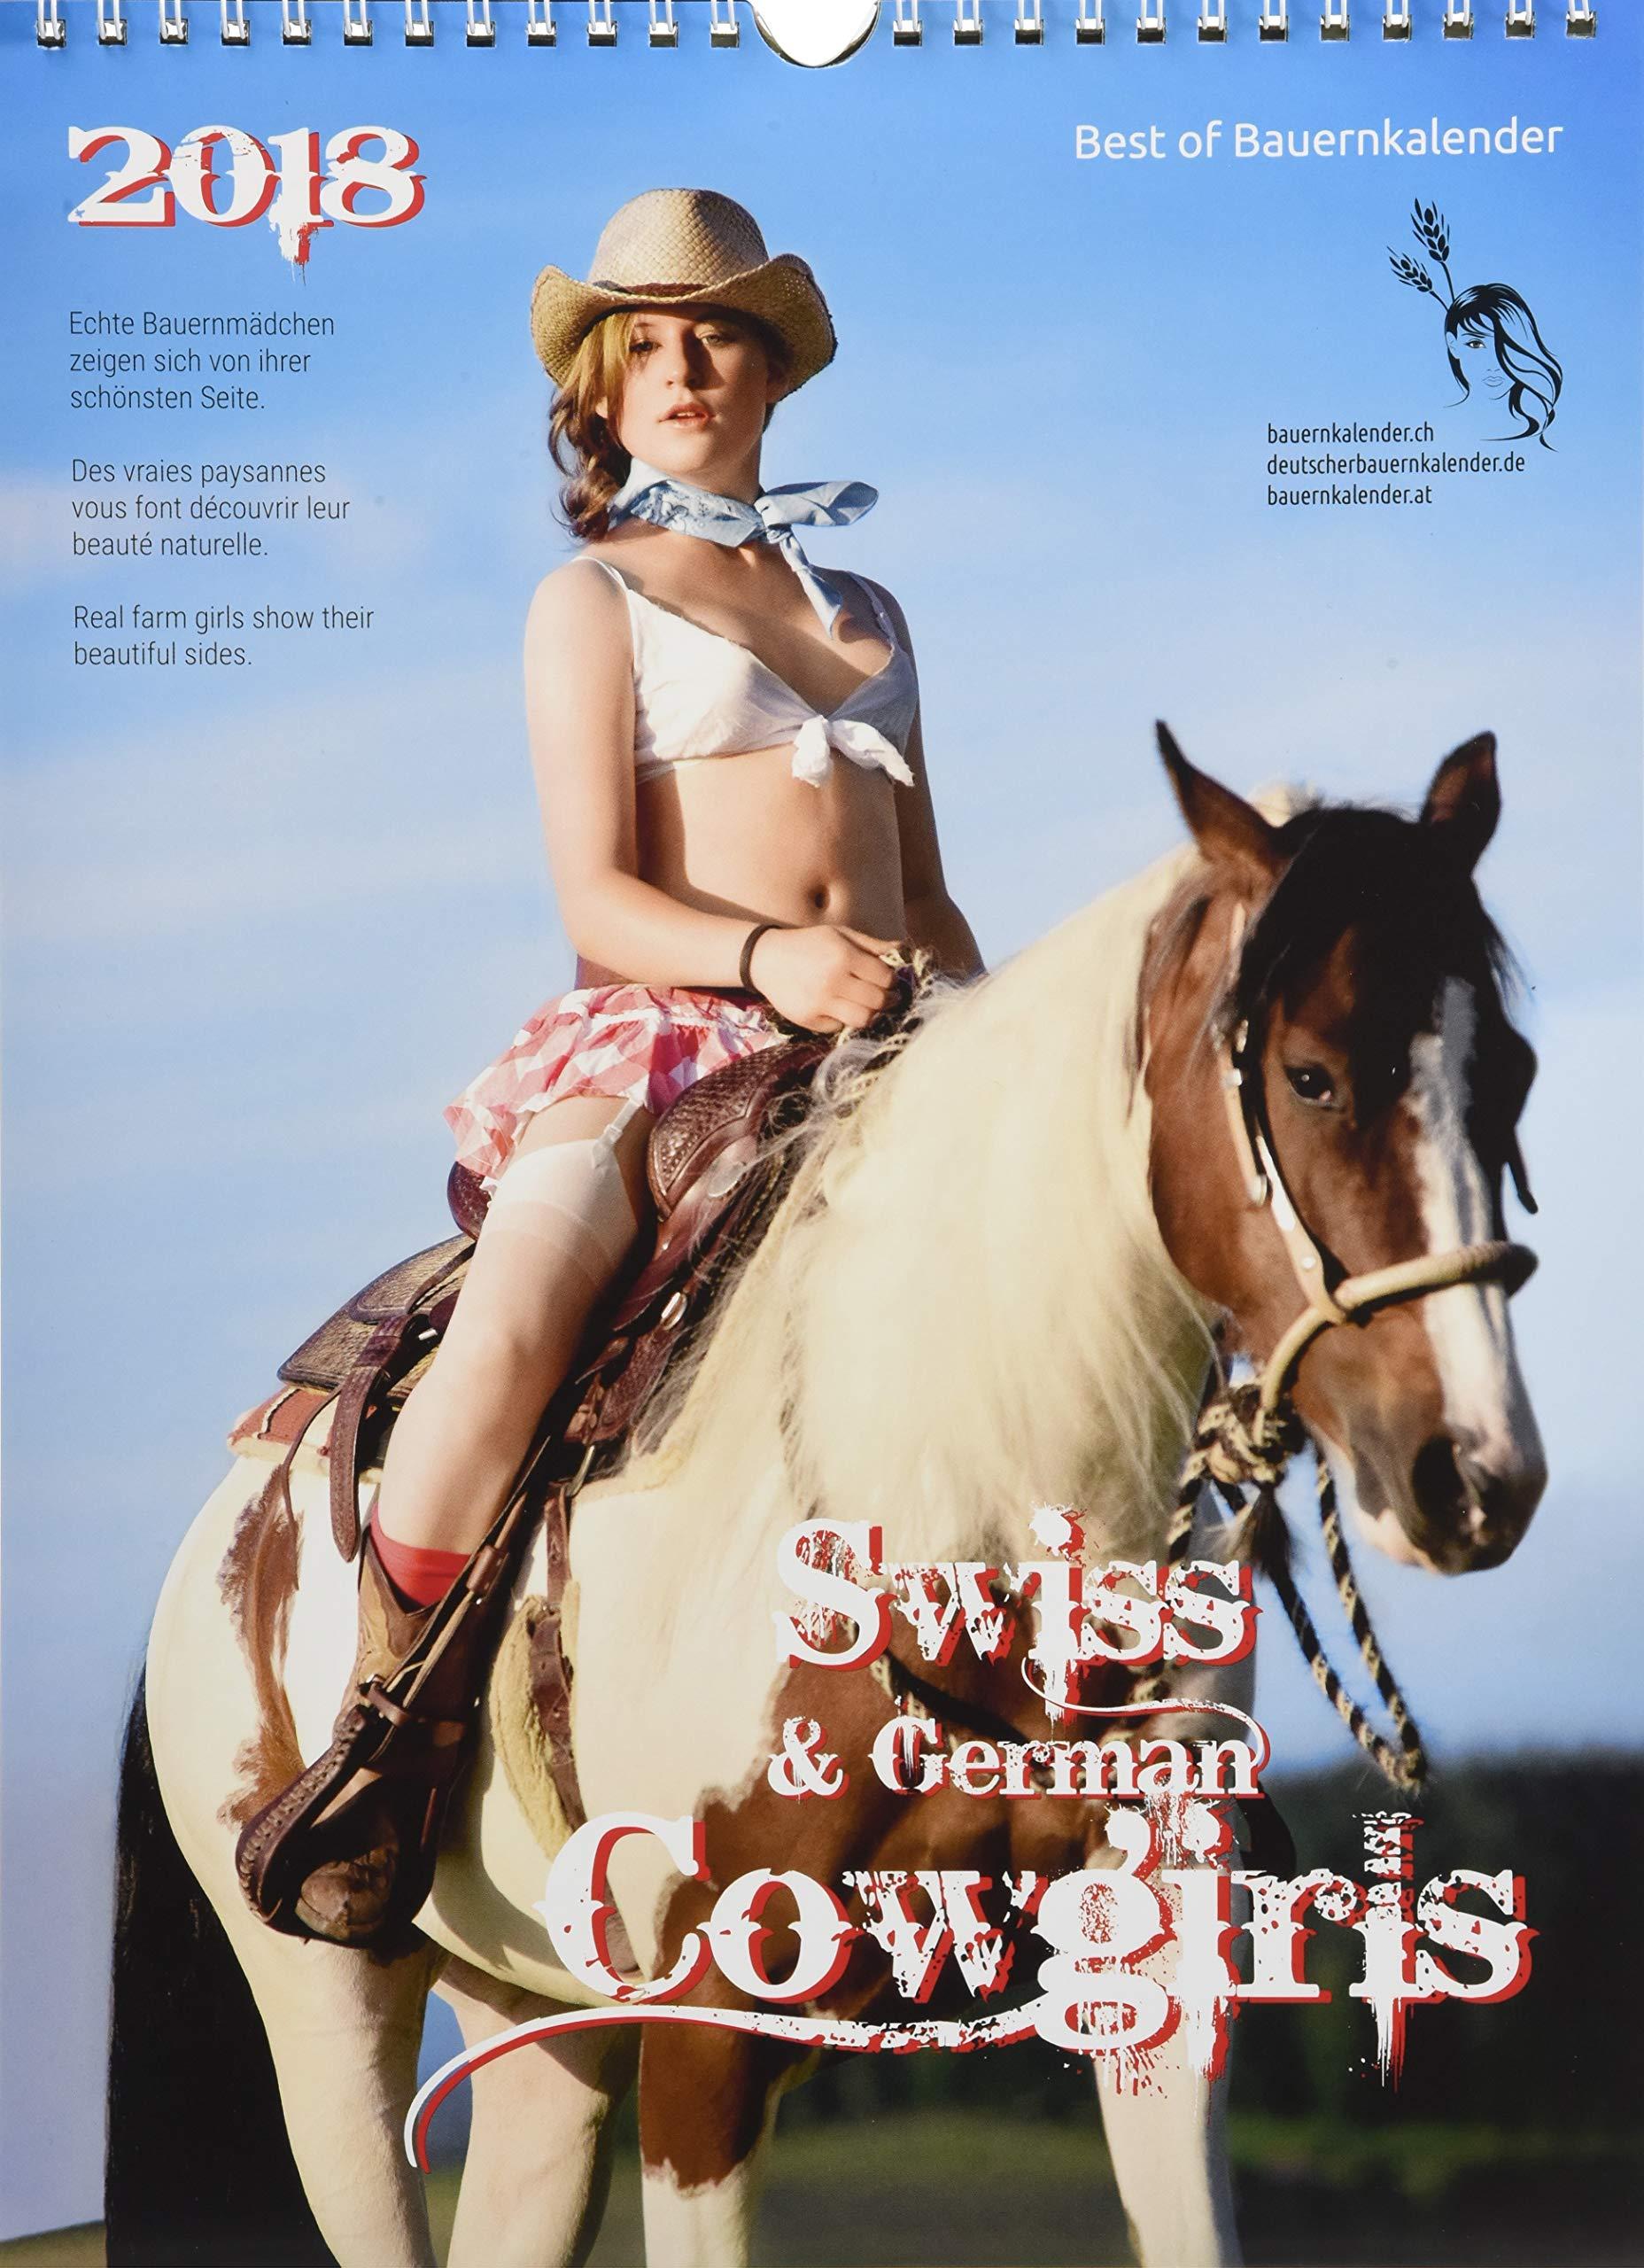 Swiss Cowgirls Pocket Edition des Deutschen Bauernkalenders 2018: Der Kalender von dem alle sprechen - echte Schweizer Cowgirls zeigen ihre natürliche Schönheit